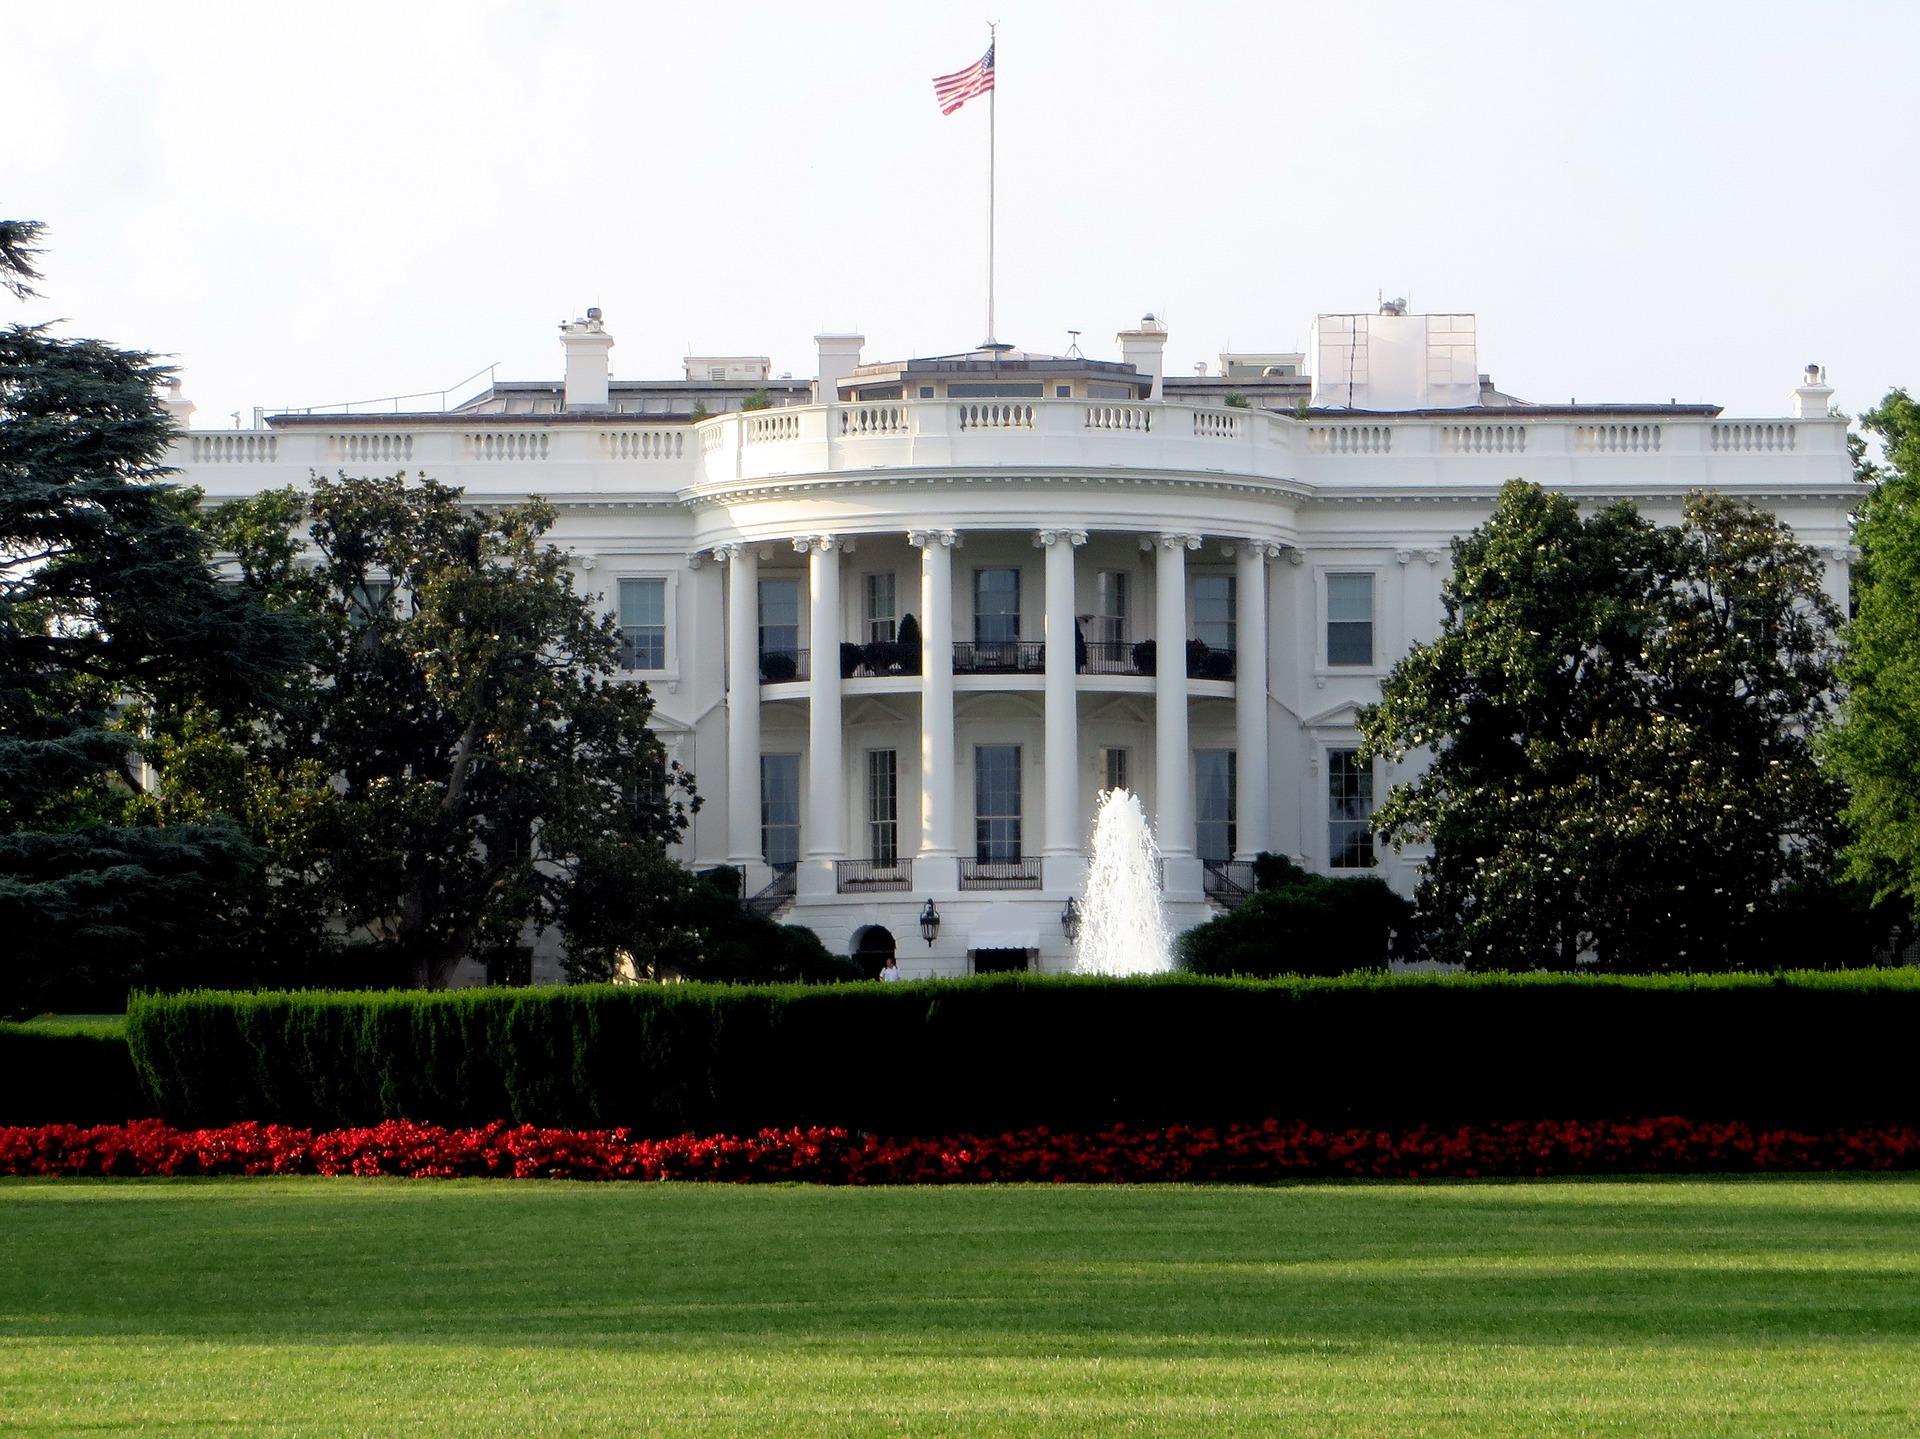 weißes haus_usa_präsident_trump_white_house_washington_vereinigte staaten von amerika